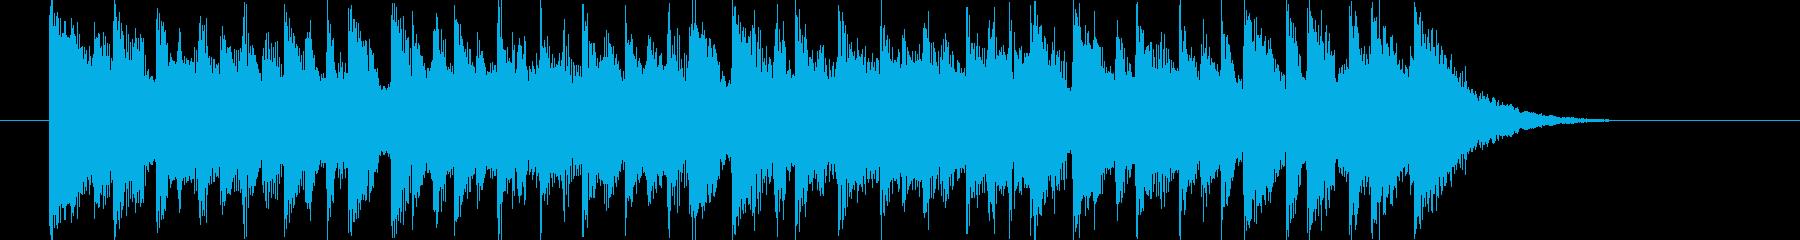 軽快なドラムとエレクトーンによるBGMの再生済みの波形